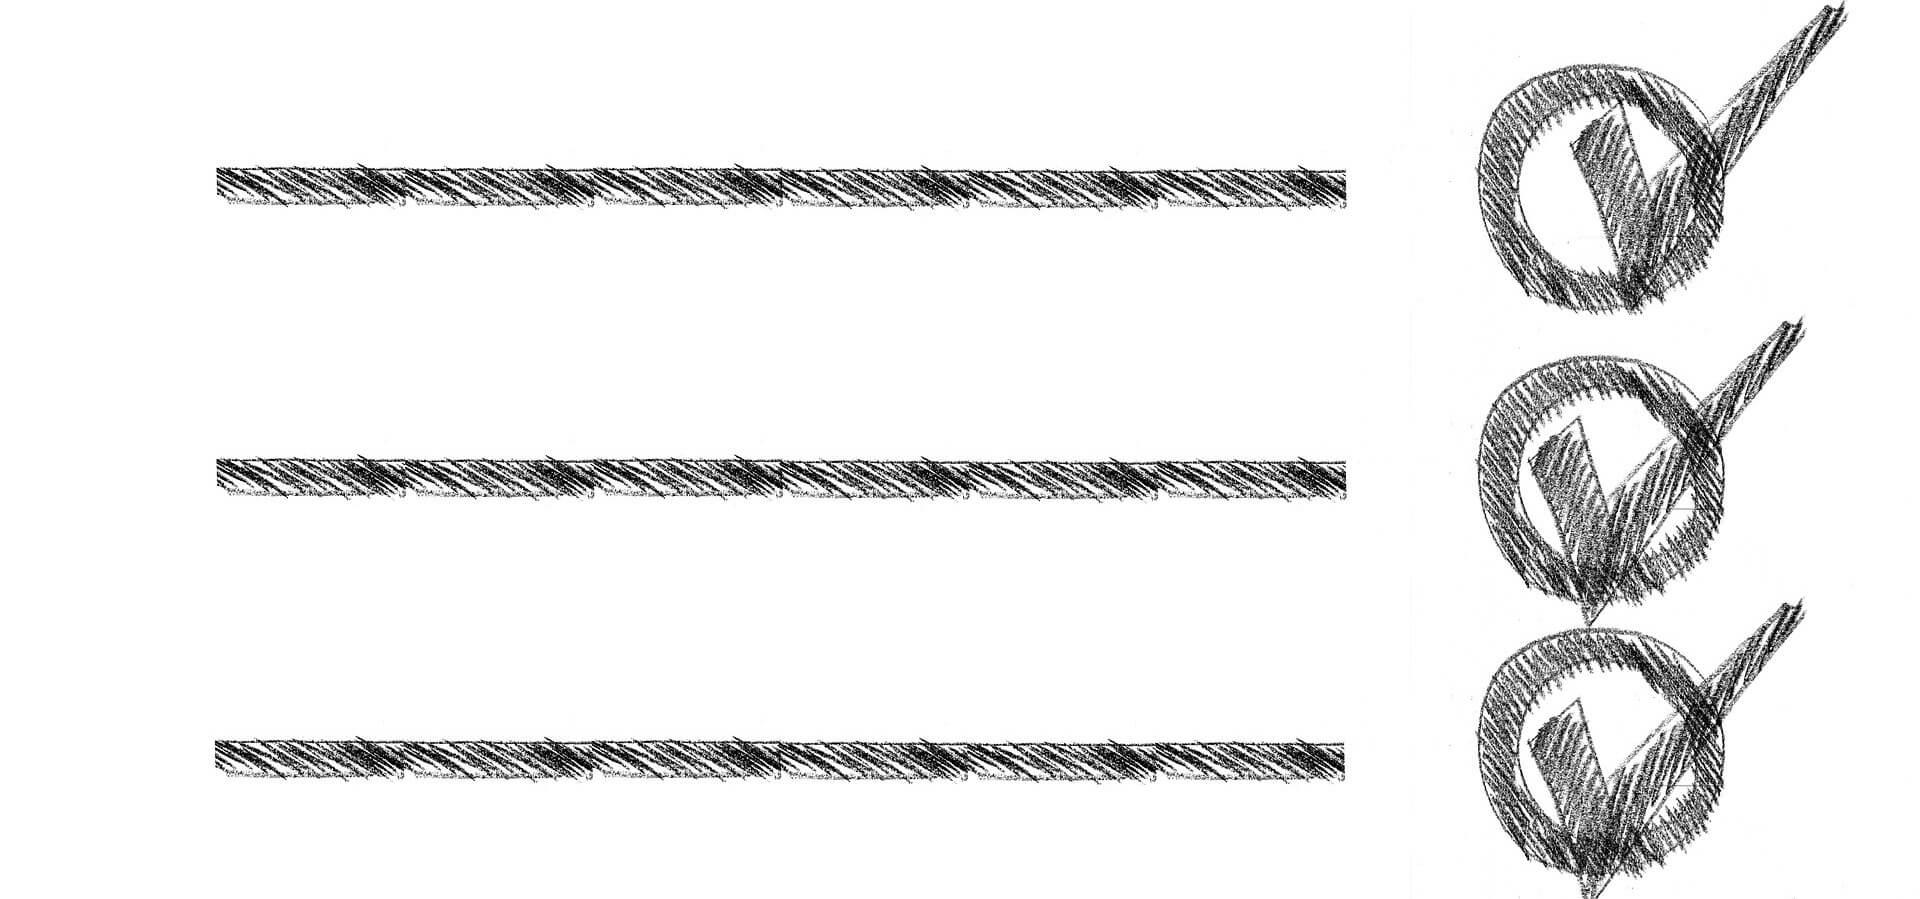 windhoff-group-checkliste-anschreiben